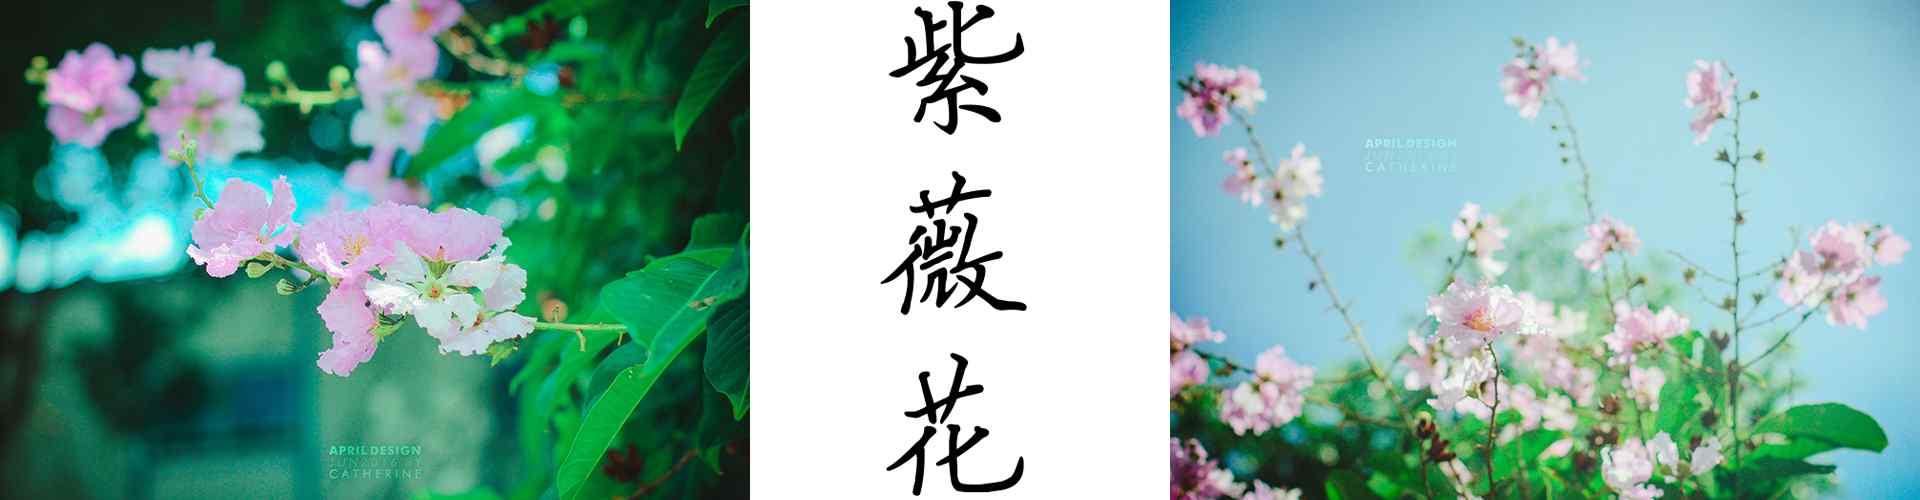 紫薇花_紫薇花圖(tu)片_紫薇花花語寓(yu)意_鮮花圖(tu)片大全_植物壁紙